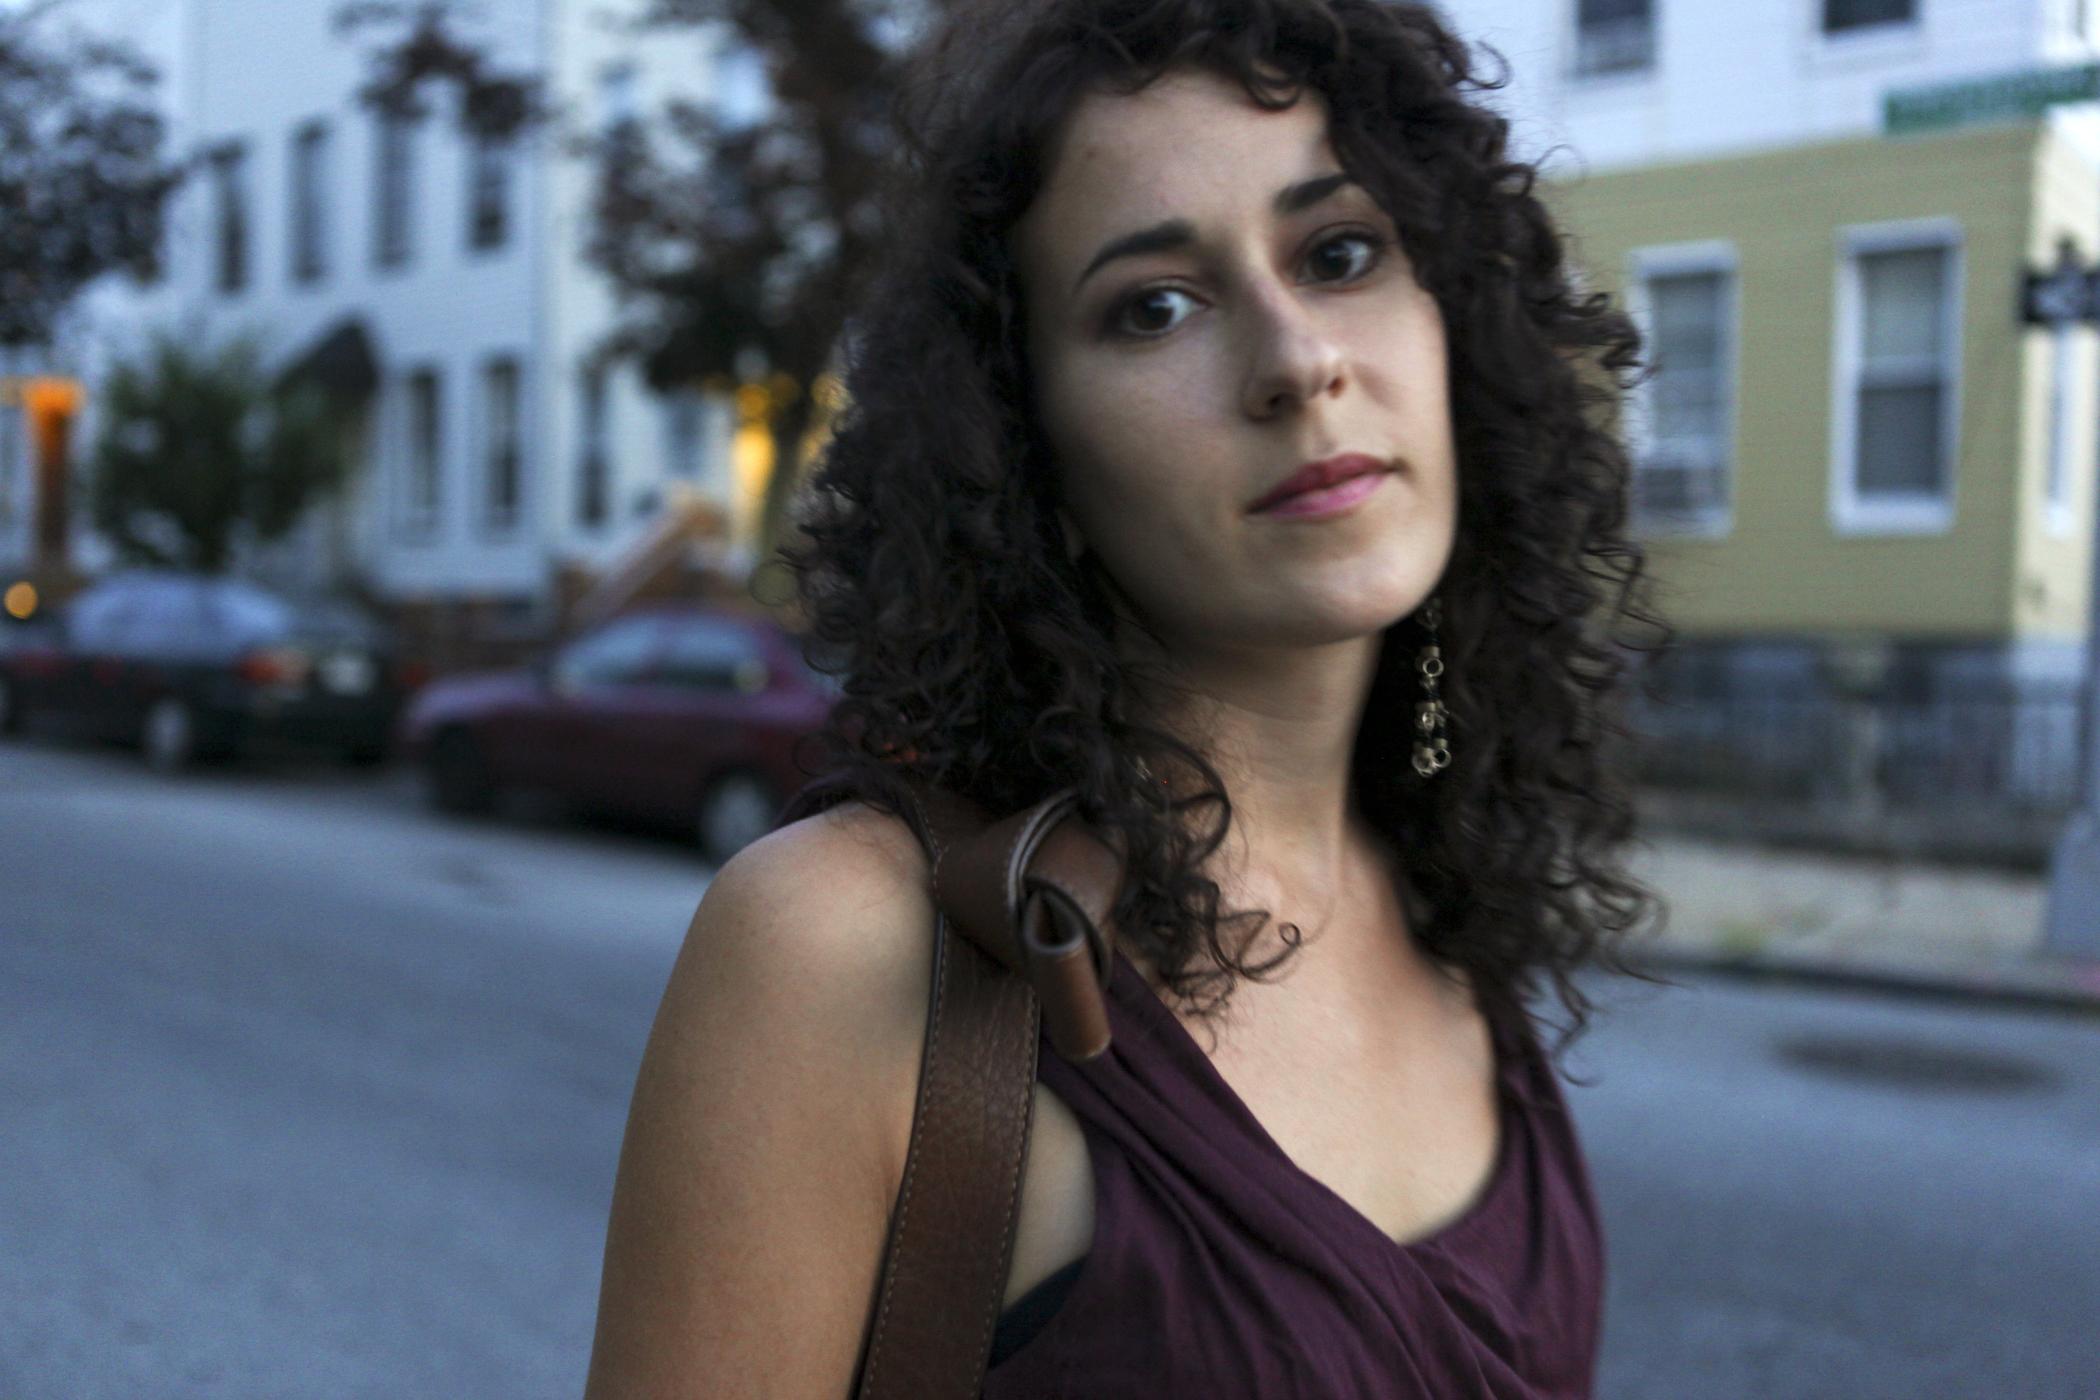 Sarah Bruni